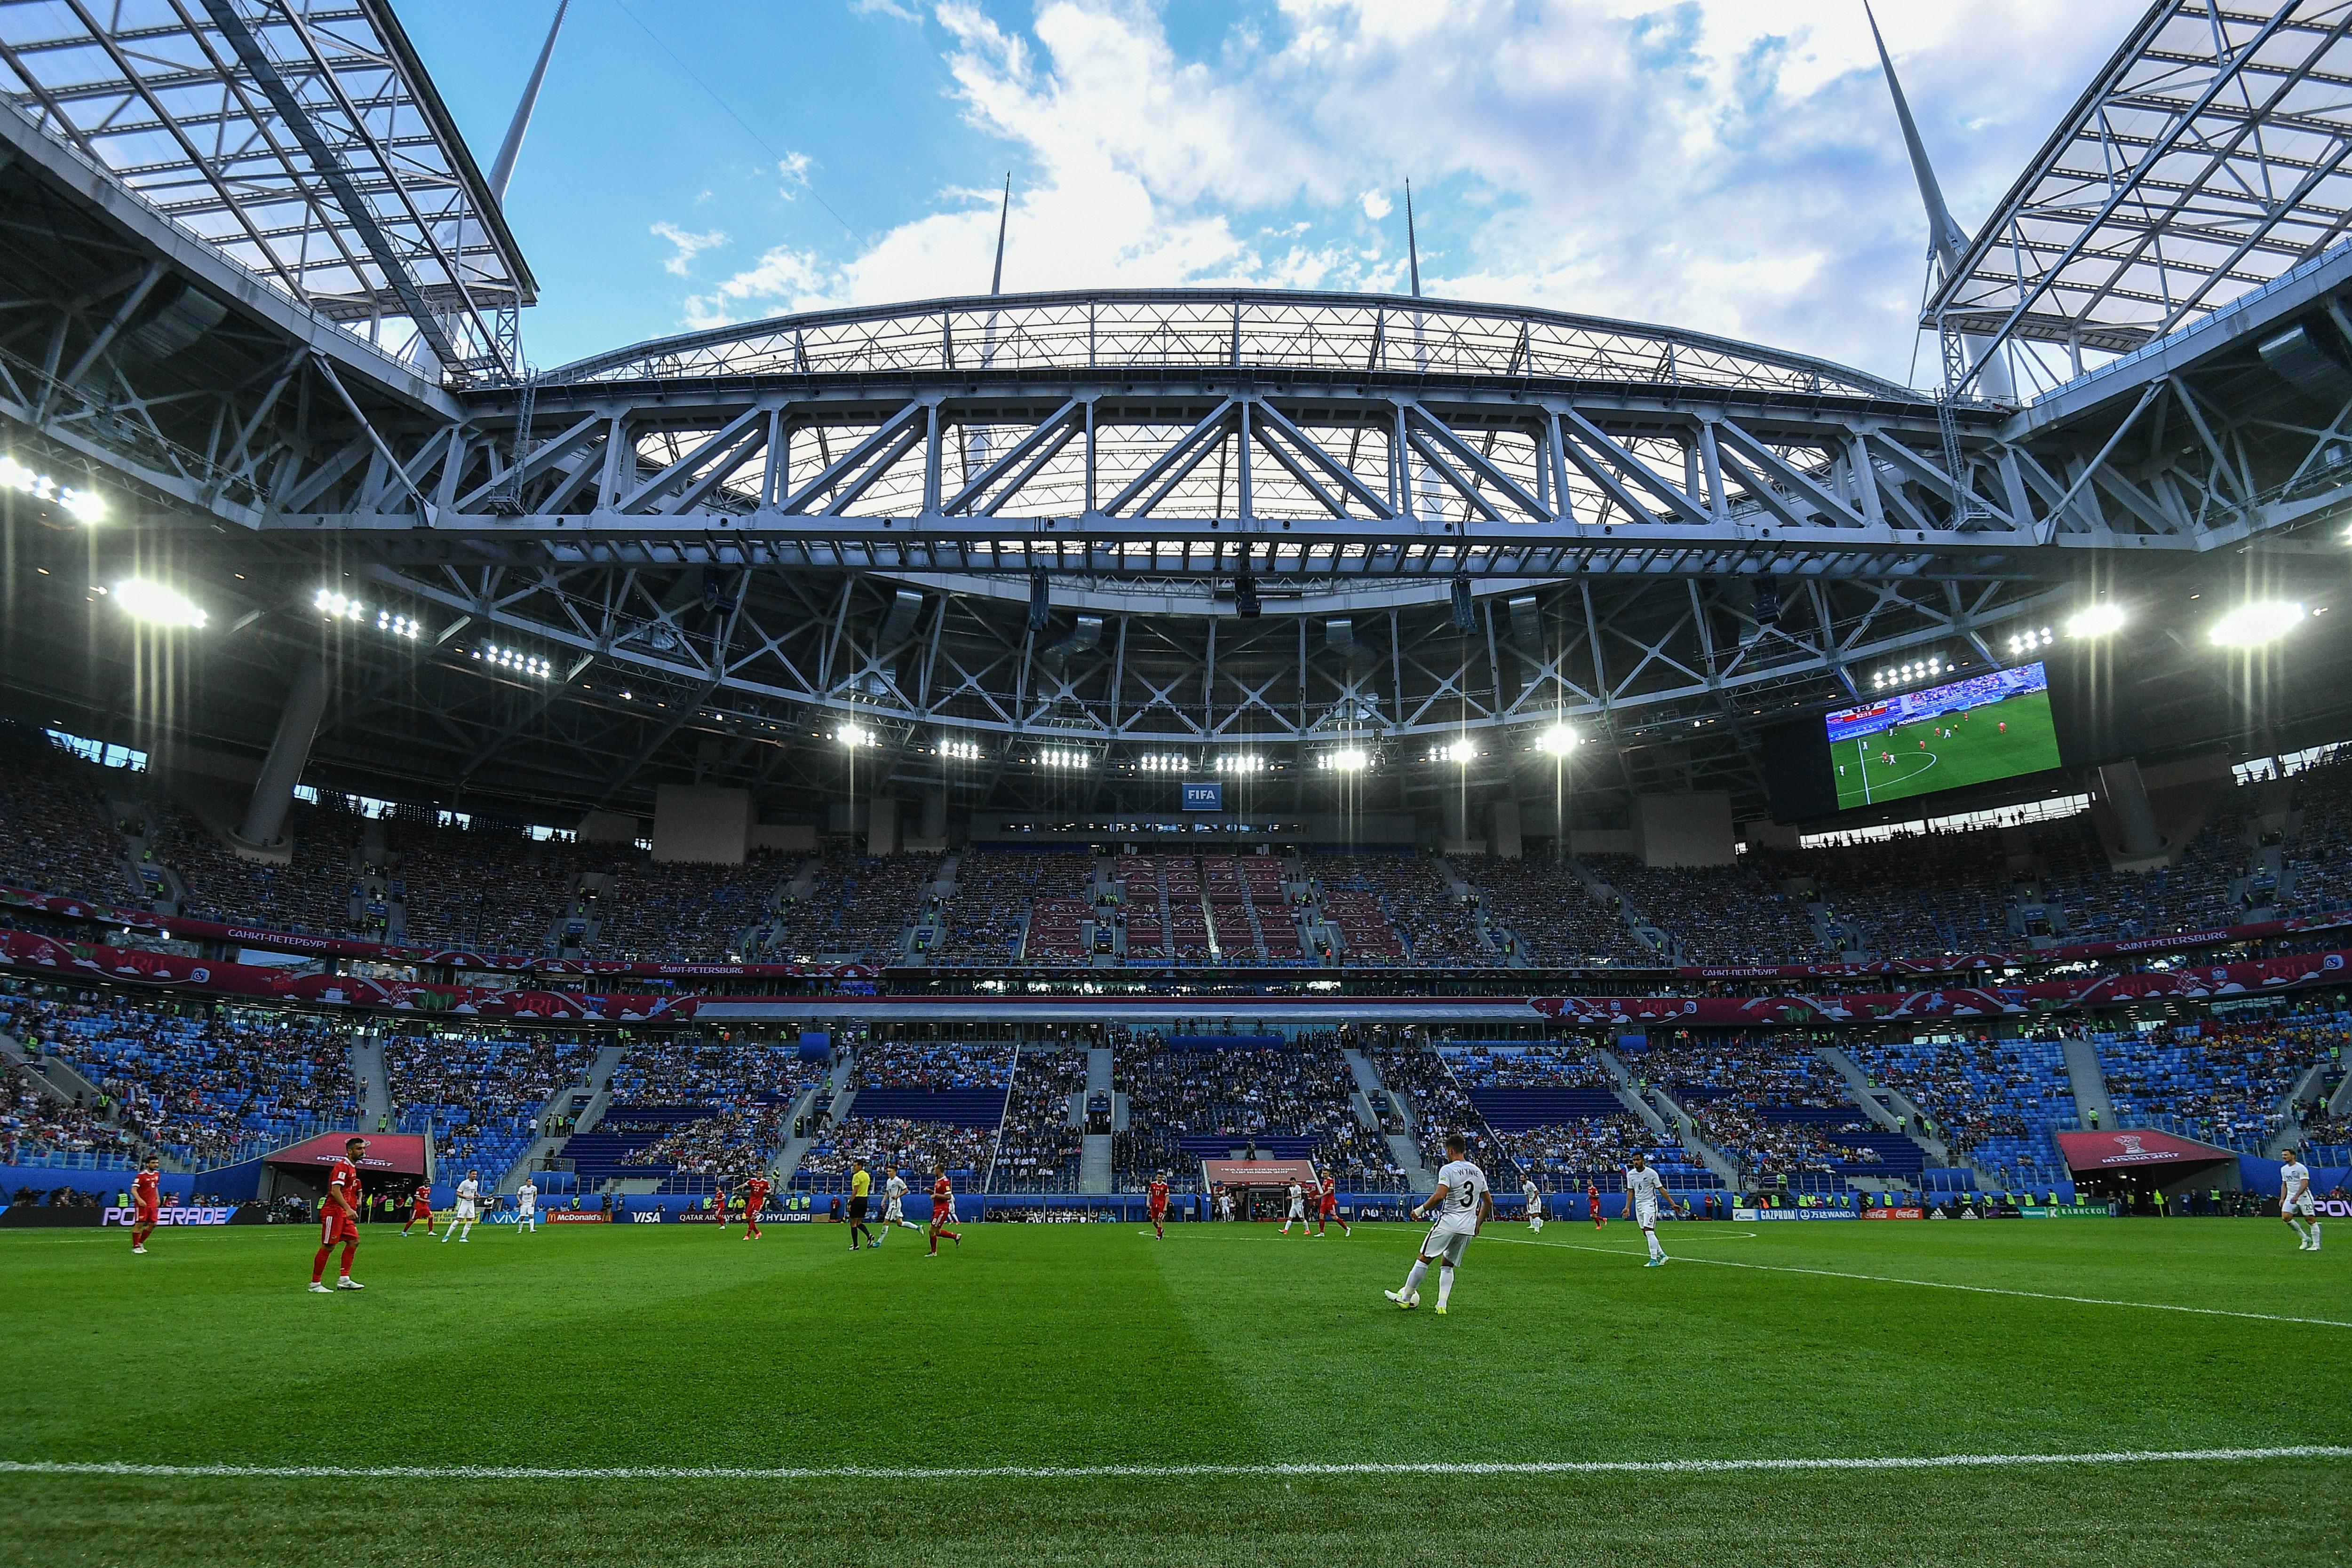 зенит арена фото с матча сайте бесплатных объявлений